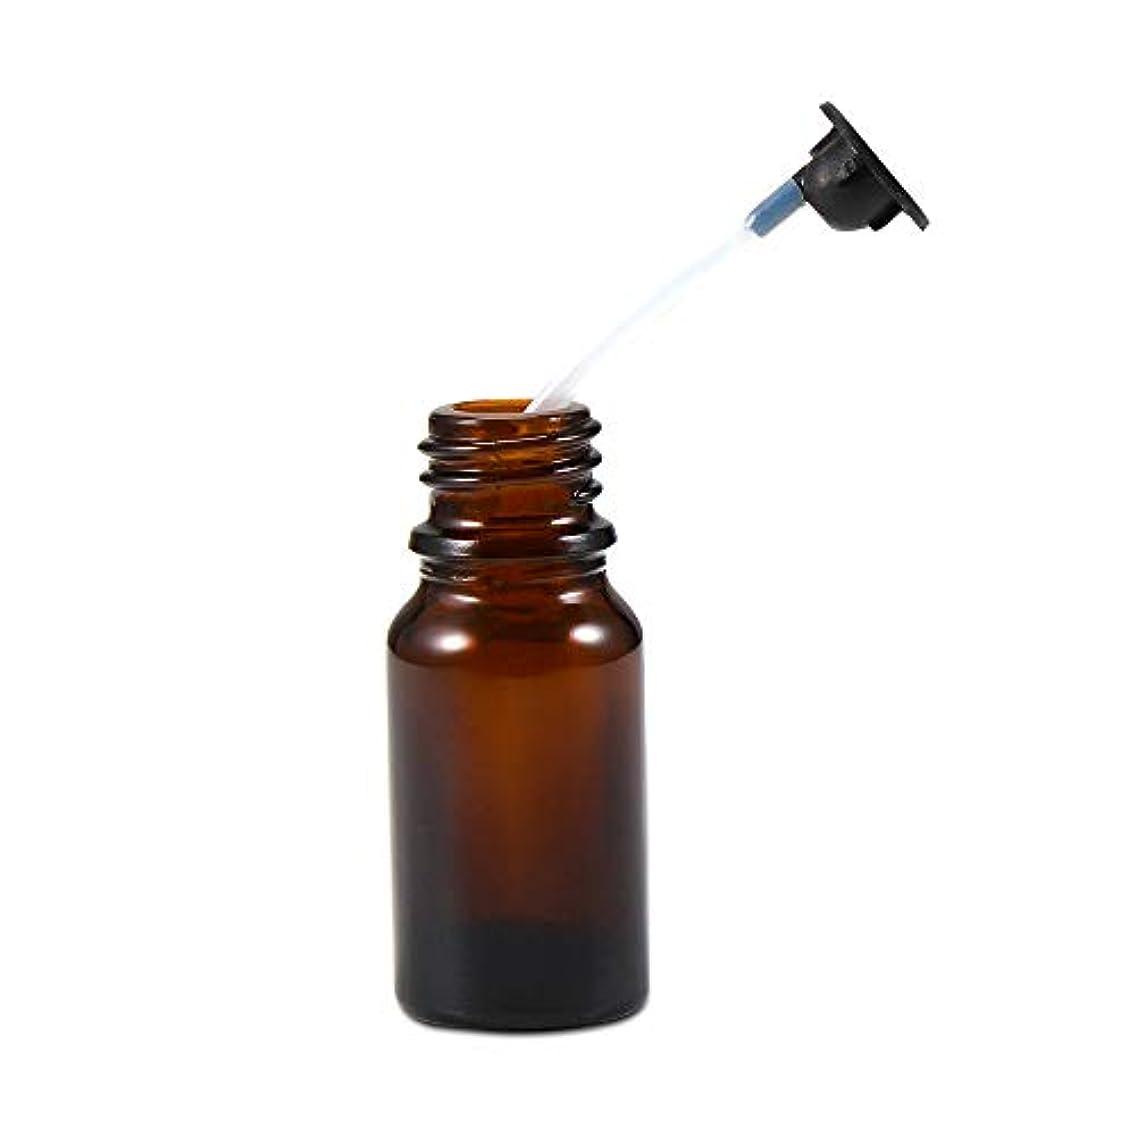 危険にさらされている一流半円Caseceo エッセンシャルオイル ボトルとノズル 交換用 アクセサリー 数量1